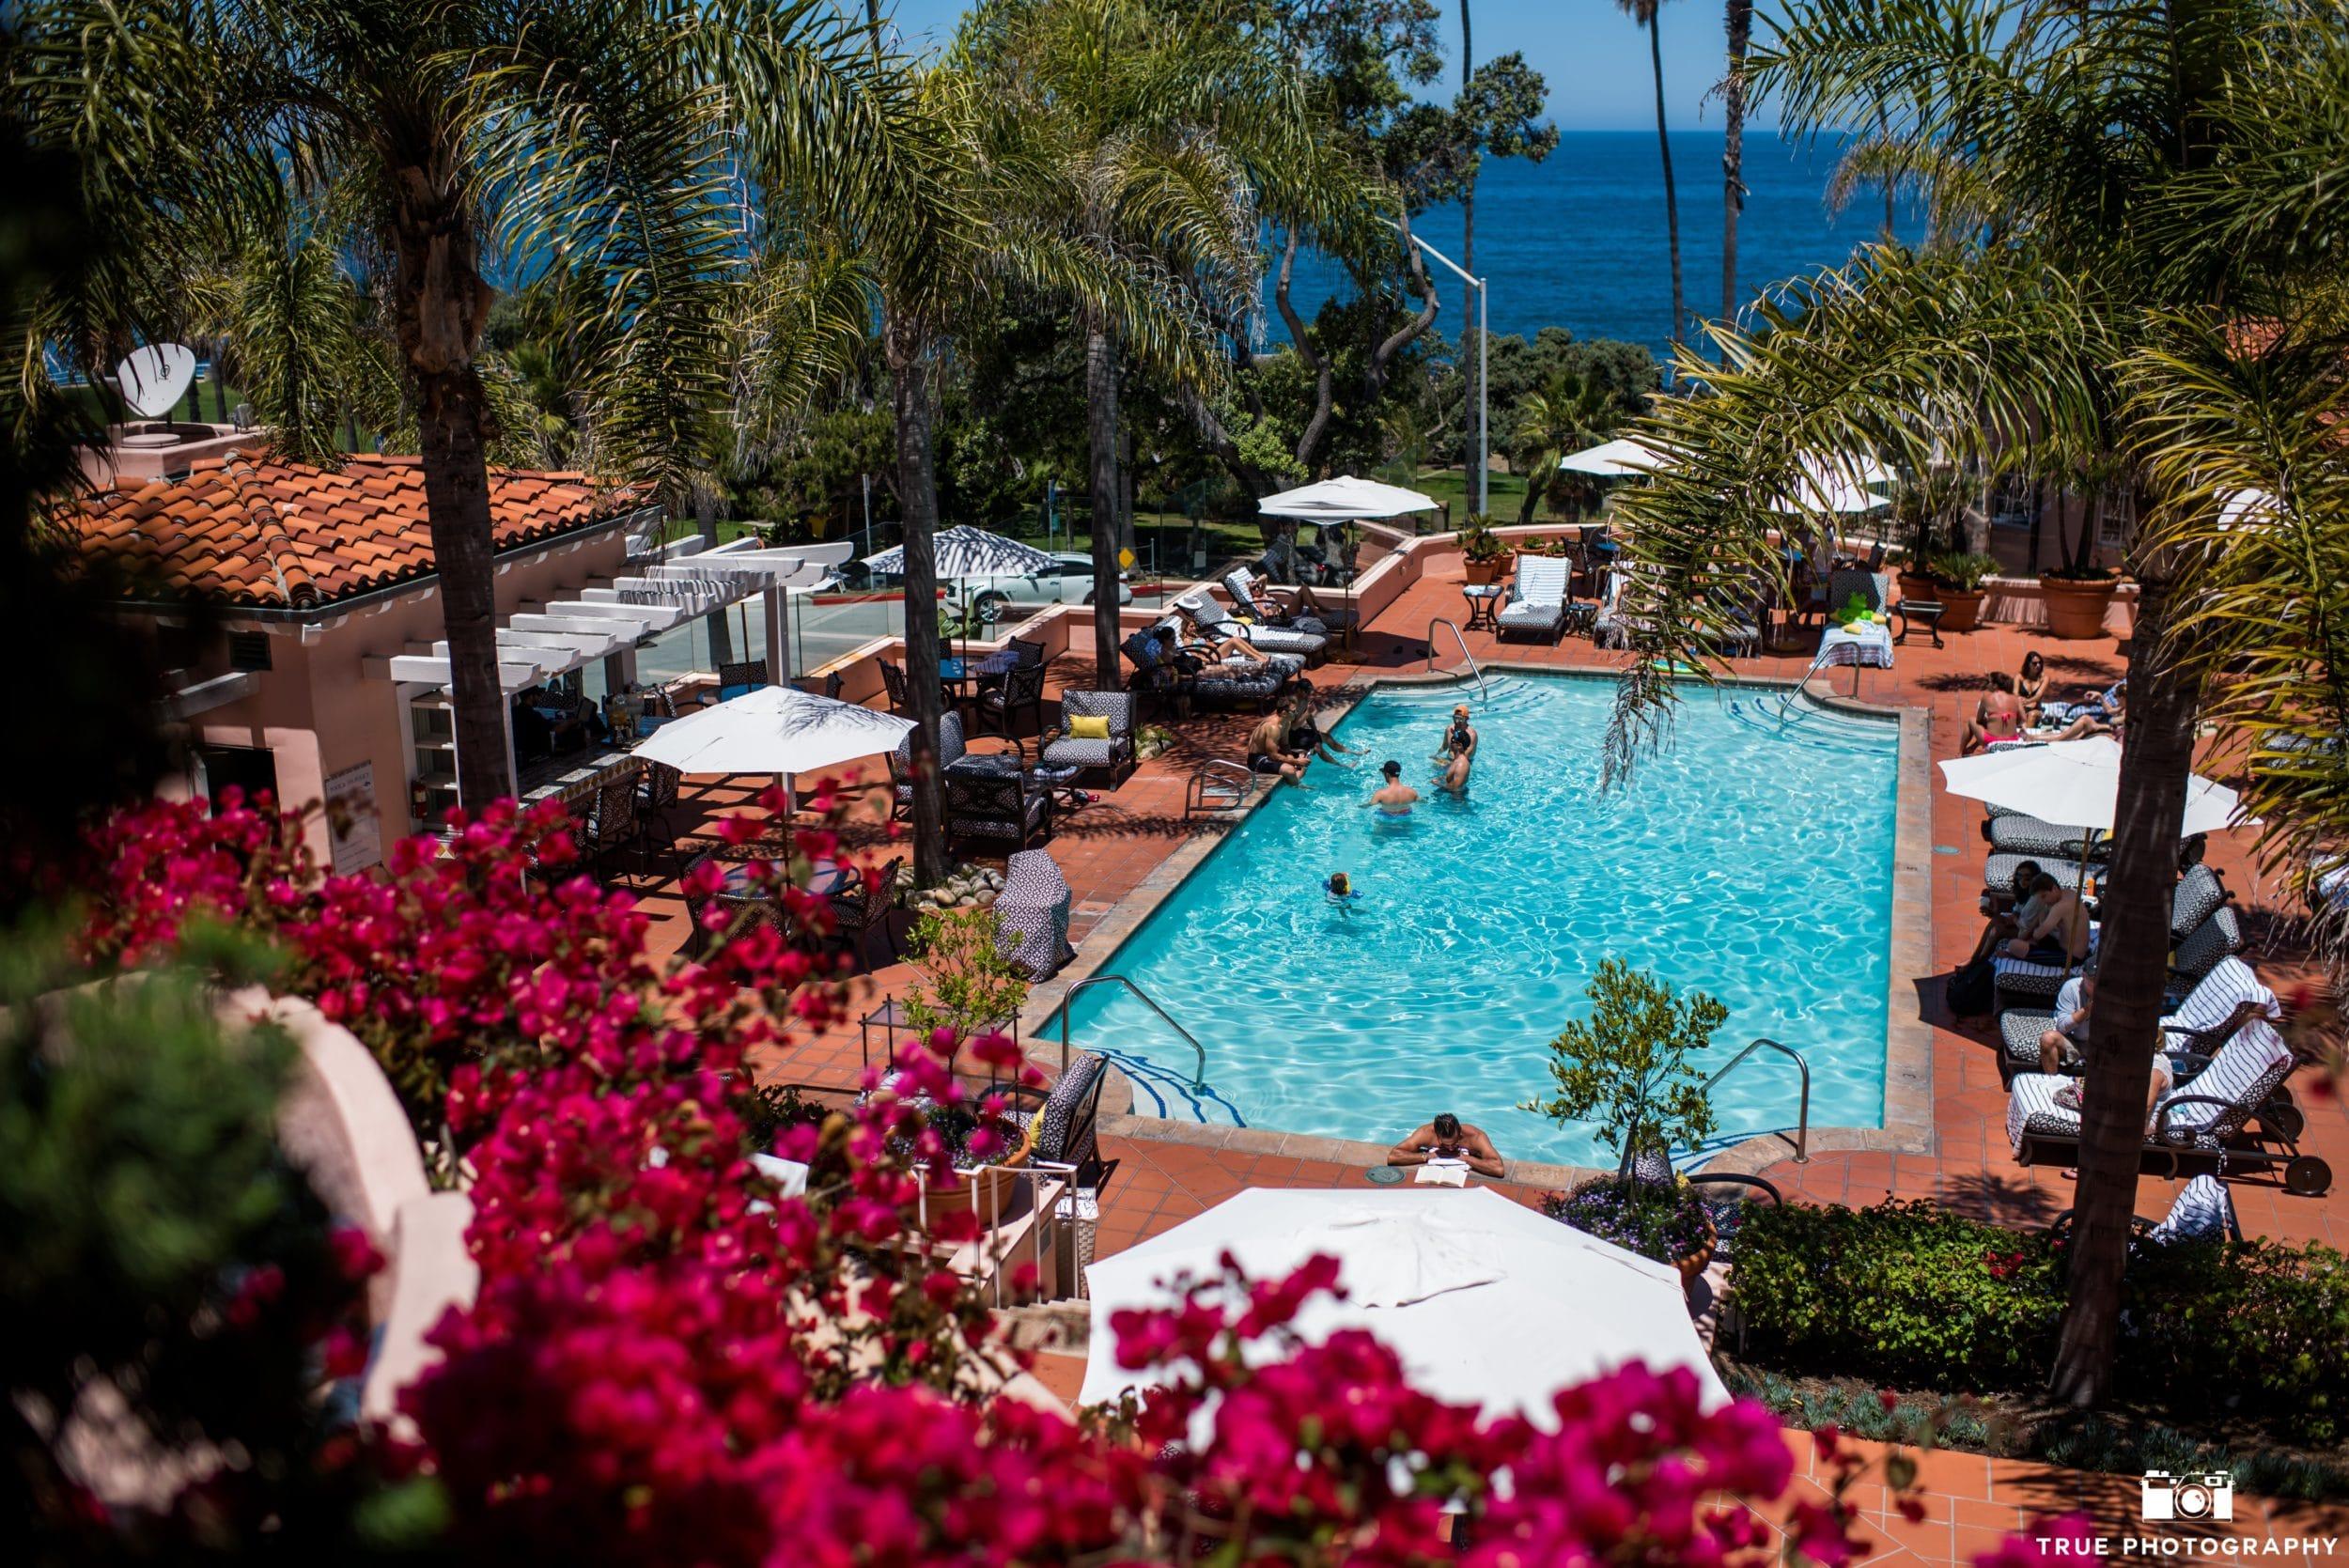 The pool at La Valencia Hotel in La Jolla